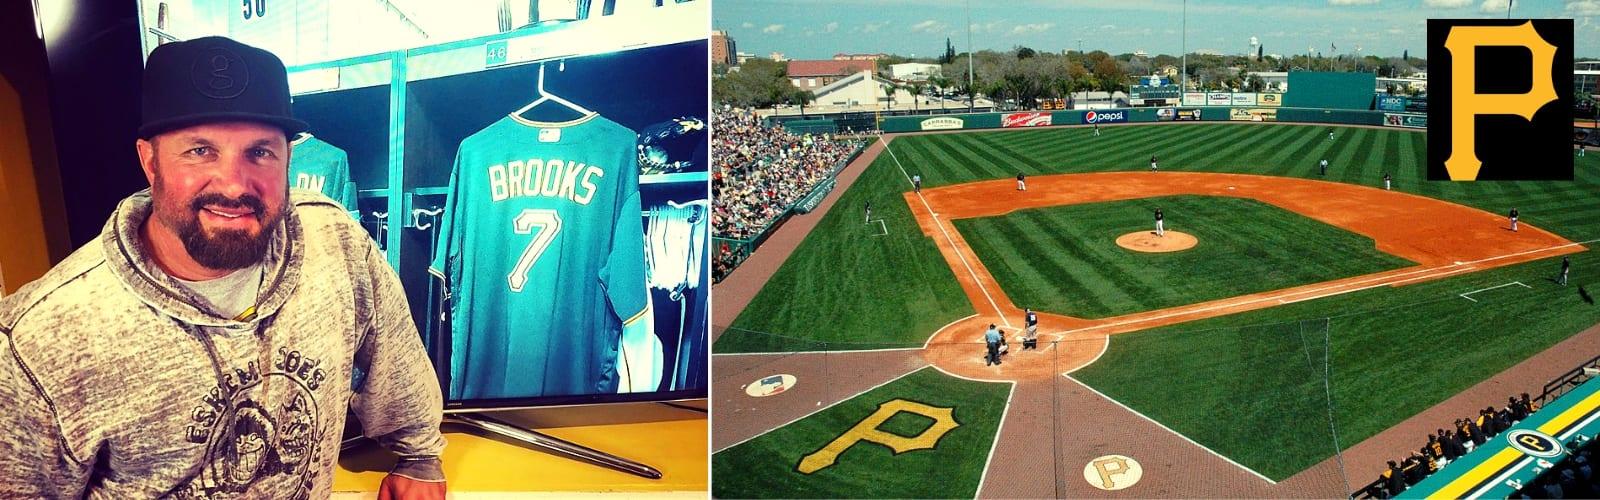 Garth Brooks Pittsburg Pirates Spring Training in Sarasota